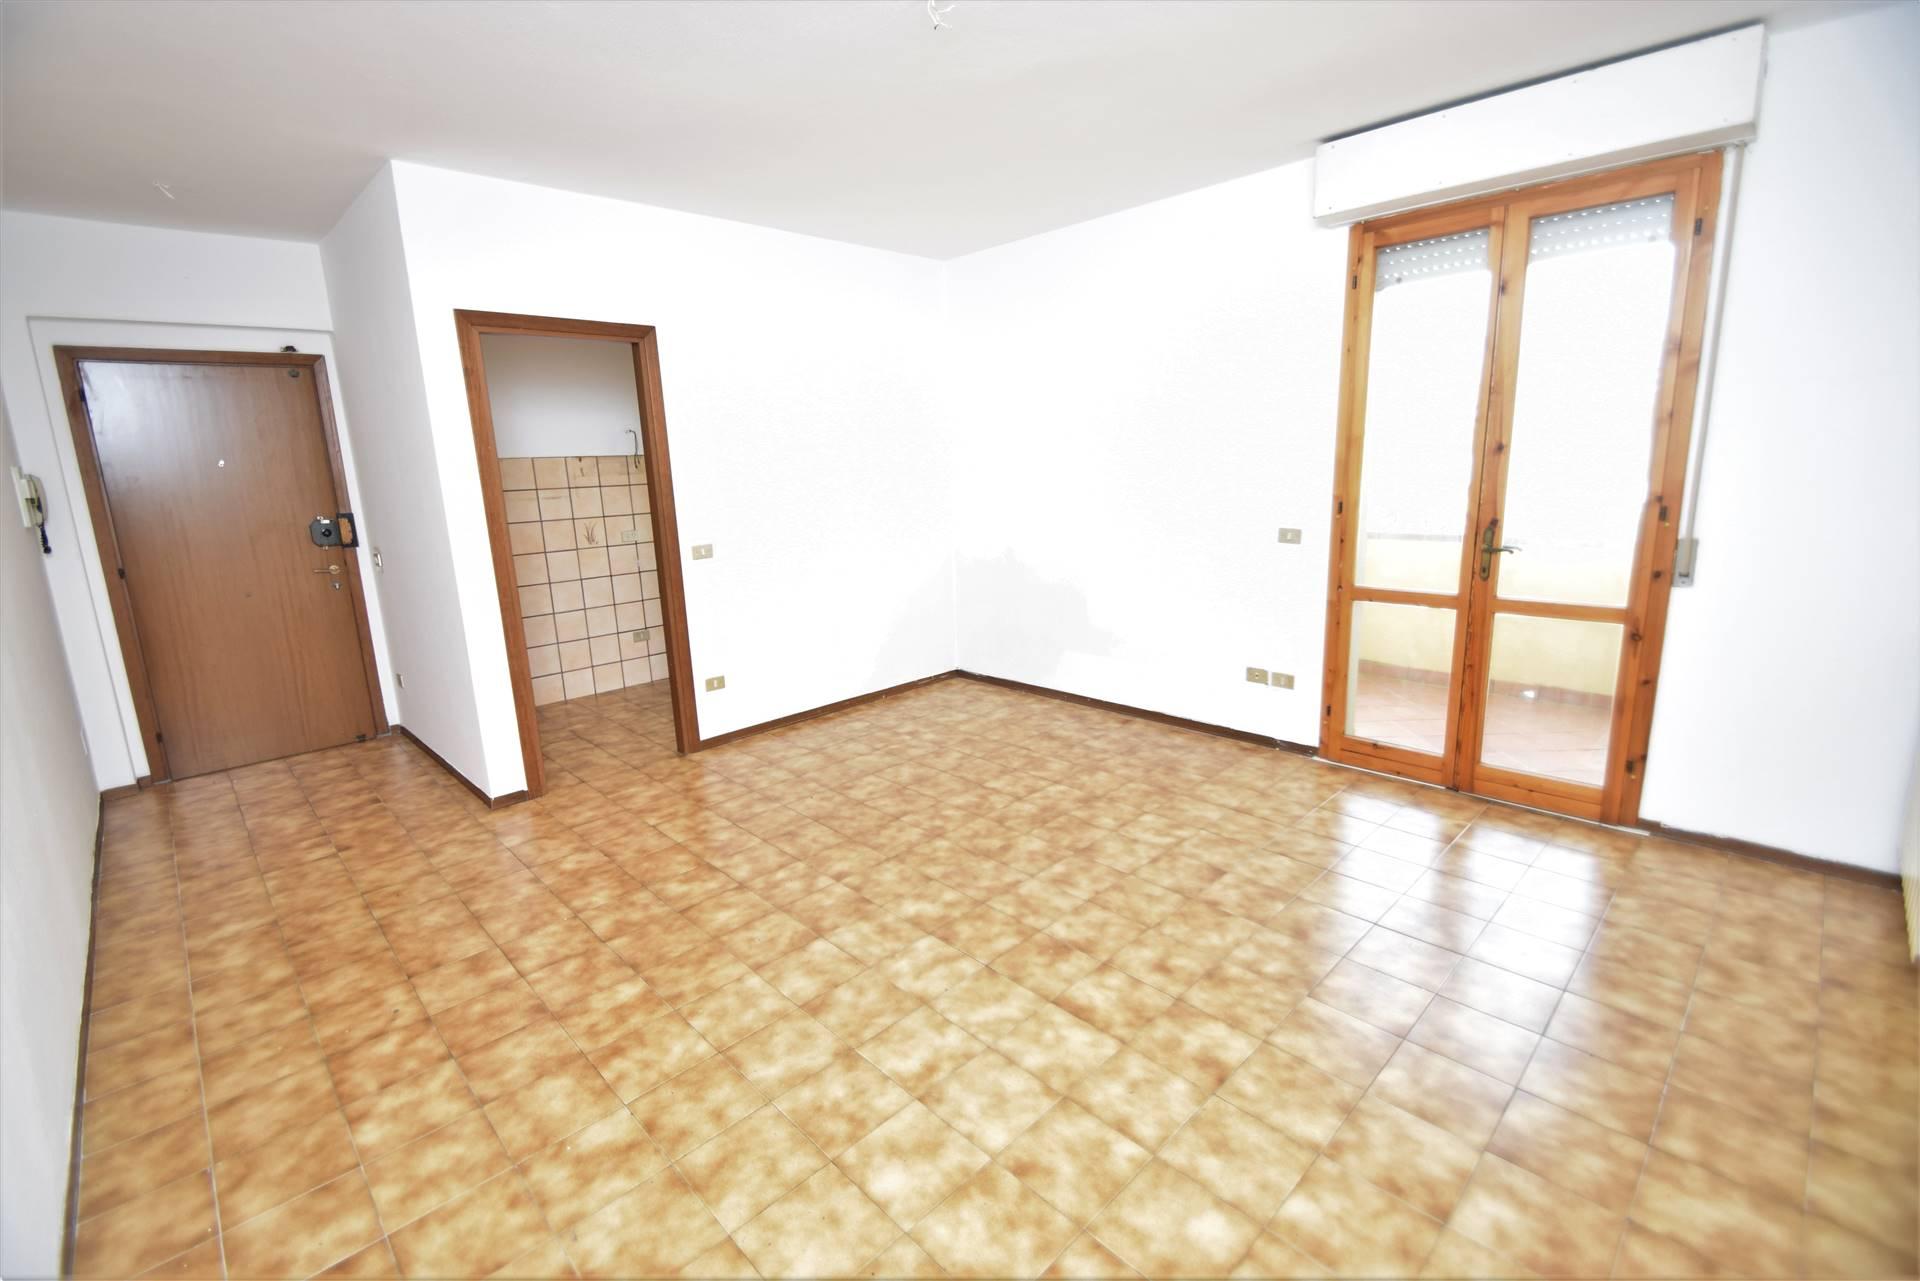 Appartamento in vendita a Uzzano, 3 locali, prezzo € 64.000   PortaleAgenzieImmobiliari.it